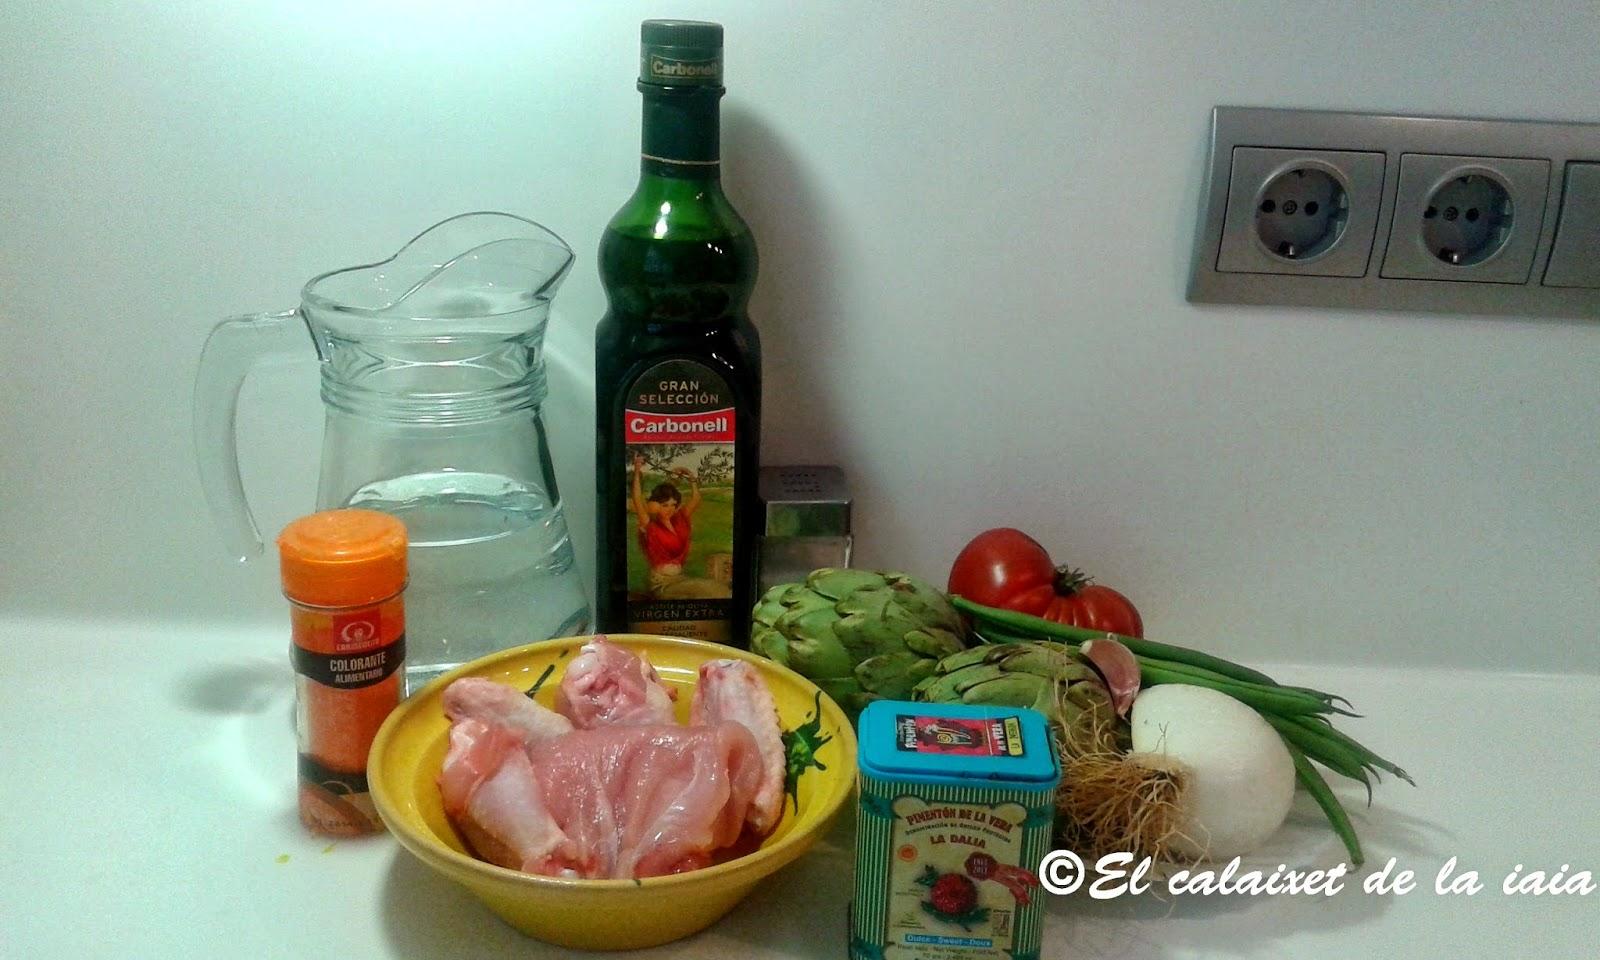 Arroz caldoso con pollo y alcachofas paso a paso foto a - Arroz caldoso con costillas y alcachofas ...